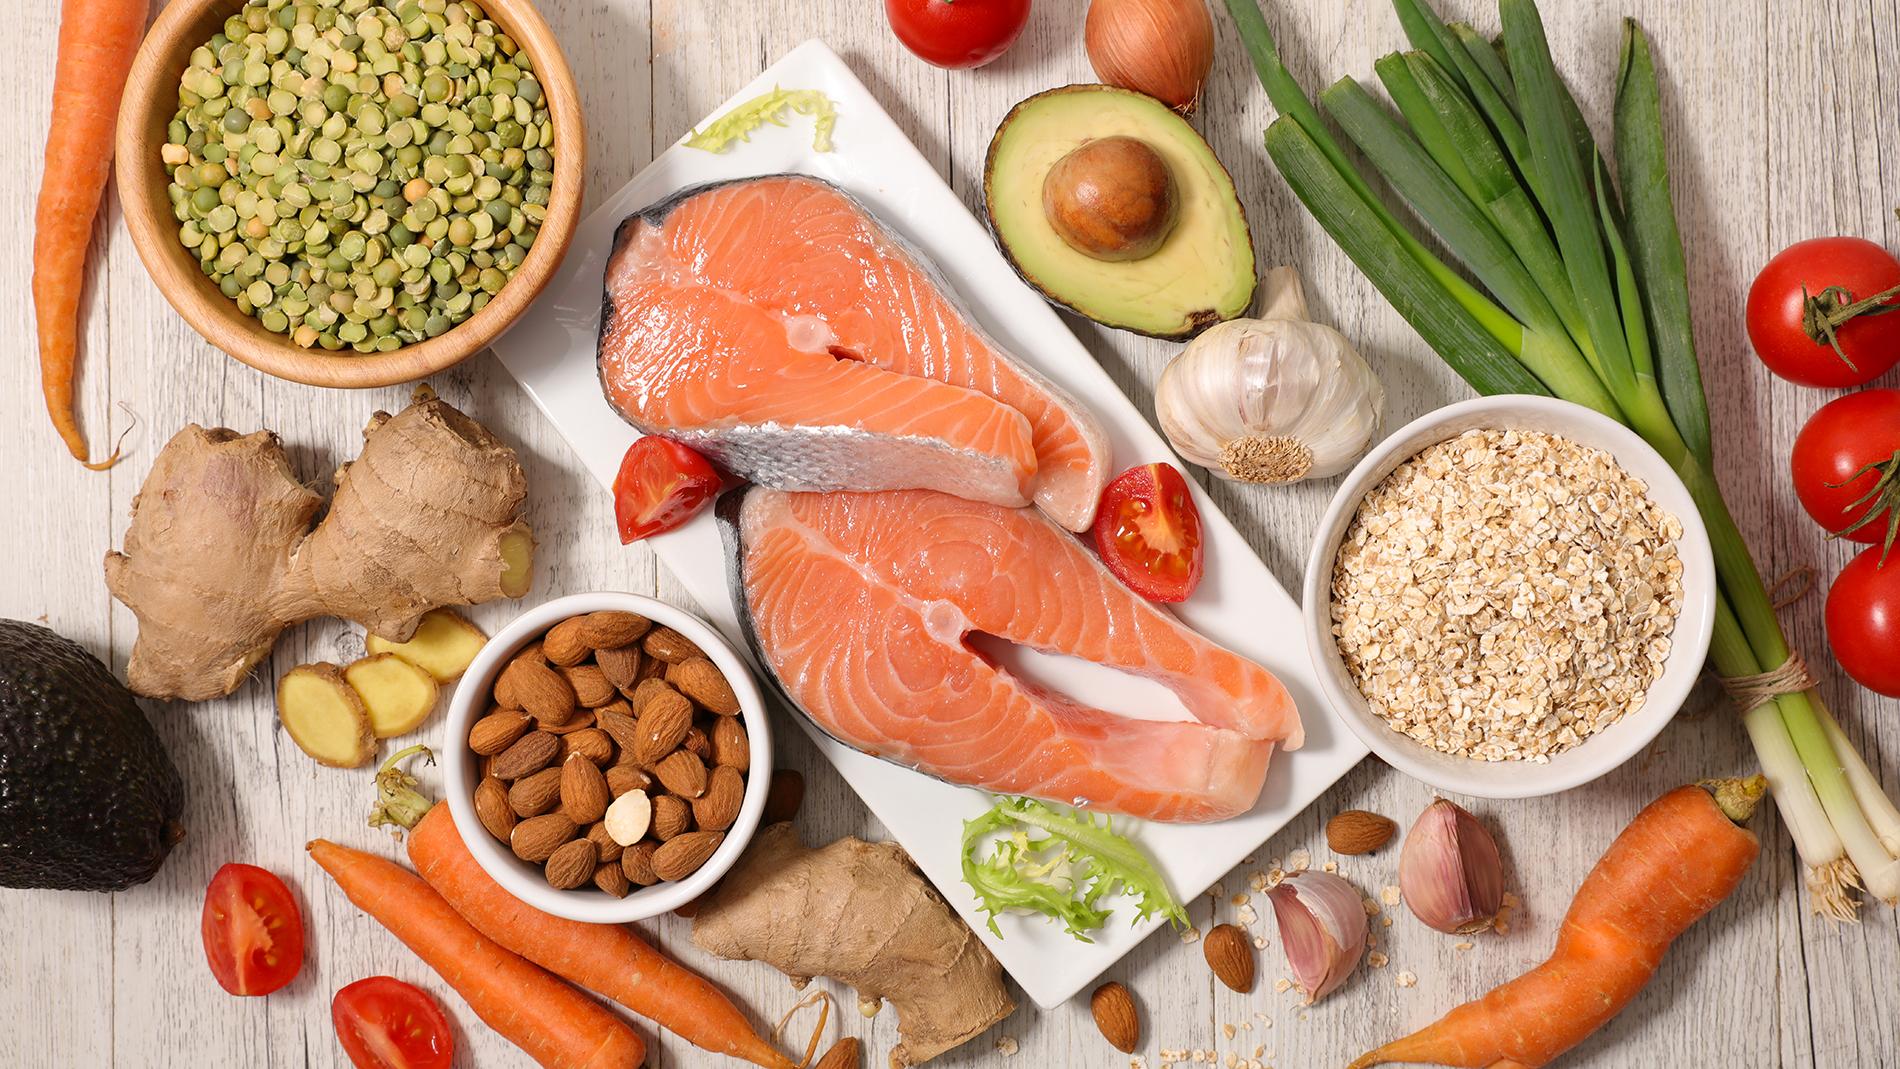 โอเมกา 3 กินอย่างไรให้มีสุขภาพดี - ORGANOID